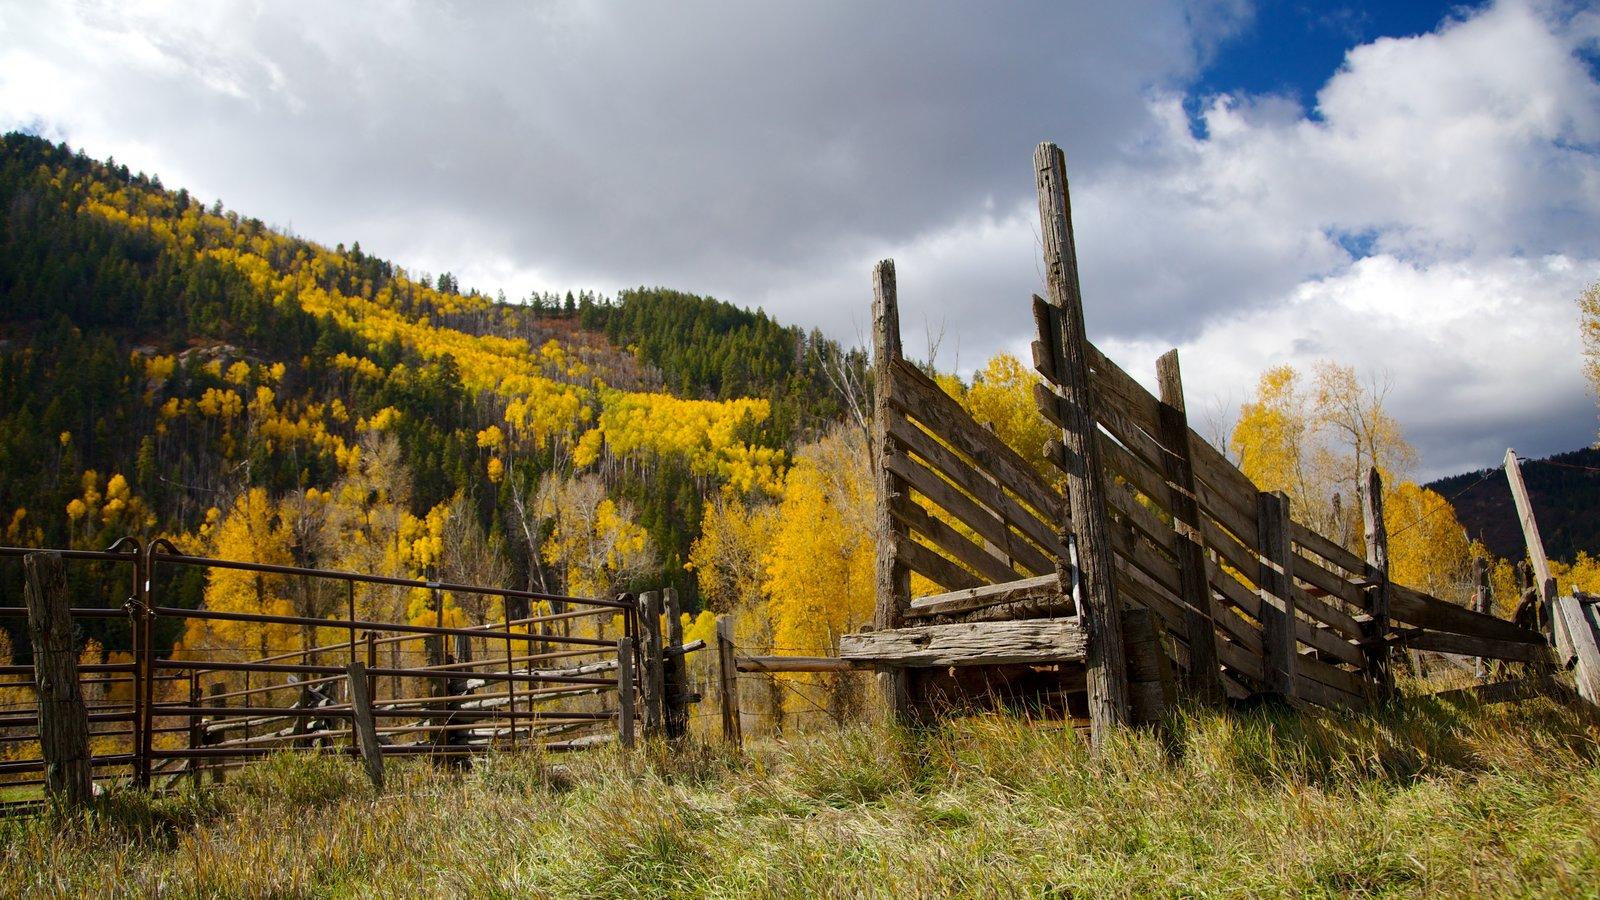 Purgatory - Durango caracterizando cores do outono, montanhas e cenas tranquilas